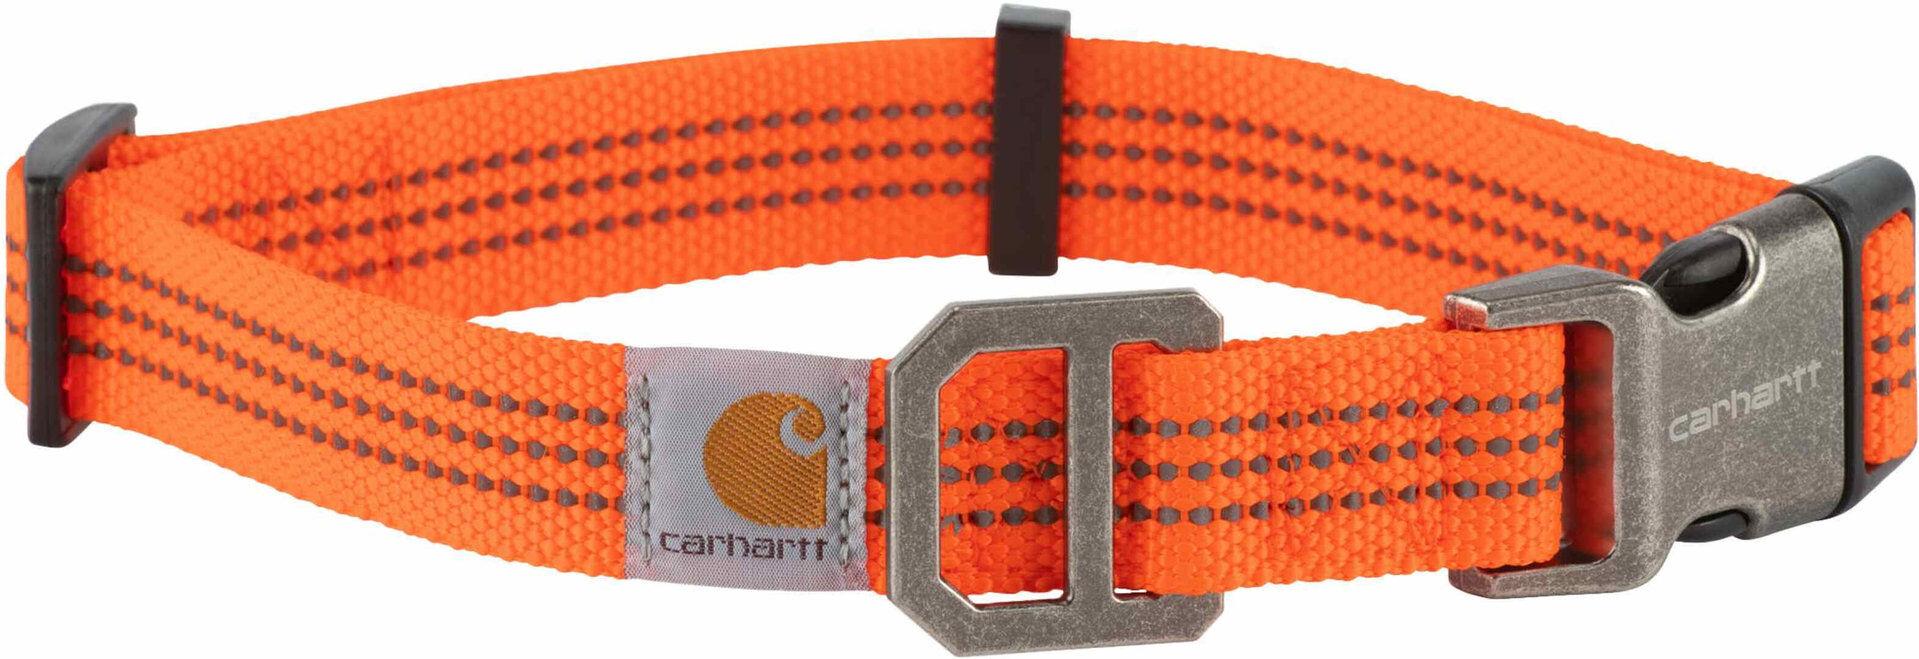 Carhartt Tradesman Collare per cani